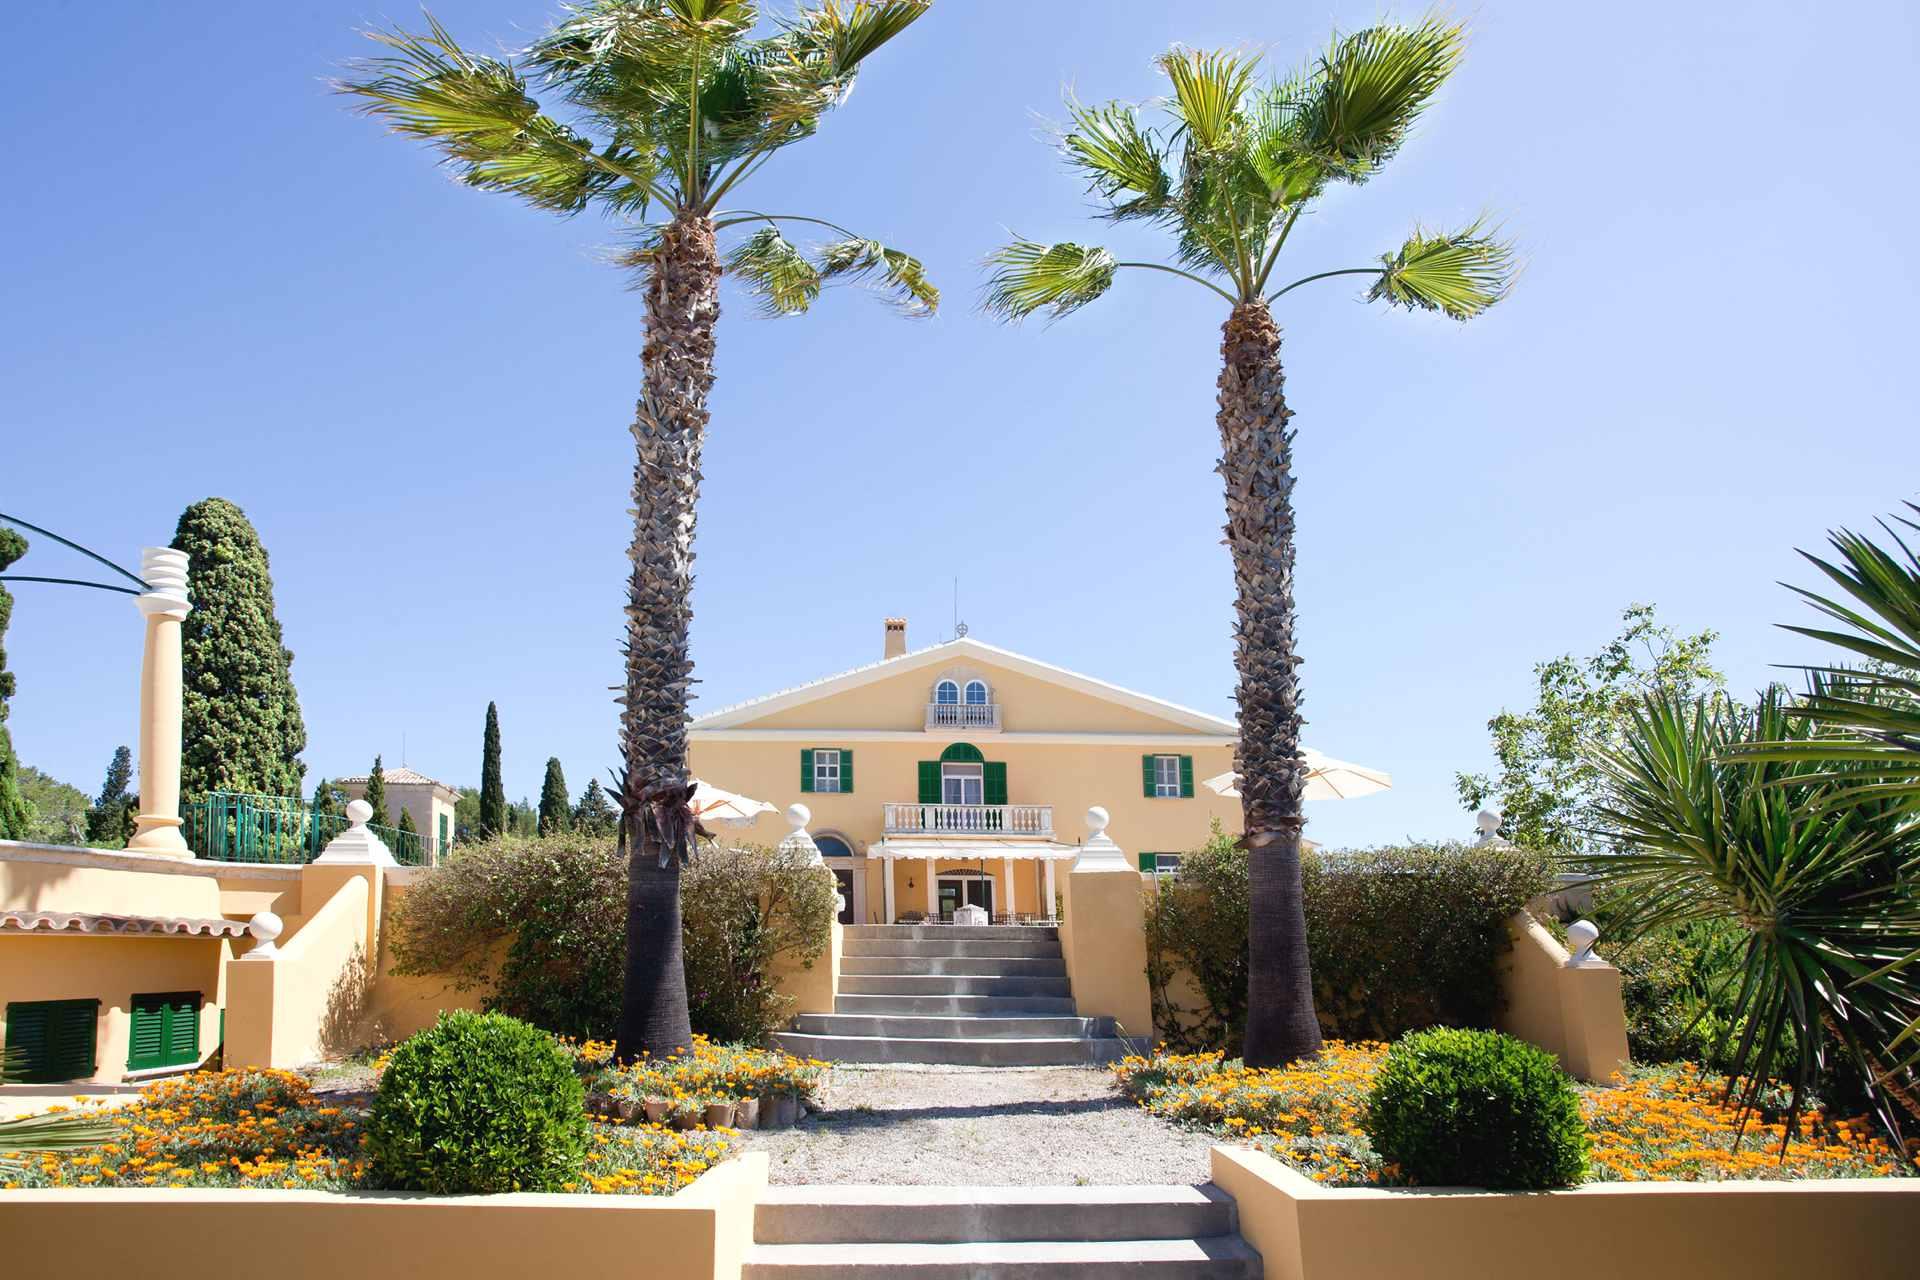 01-63 Exklusives Herrenhaus Mallorca Norden Bild 2